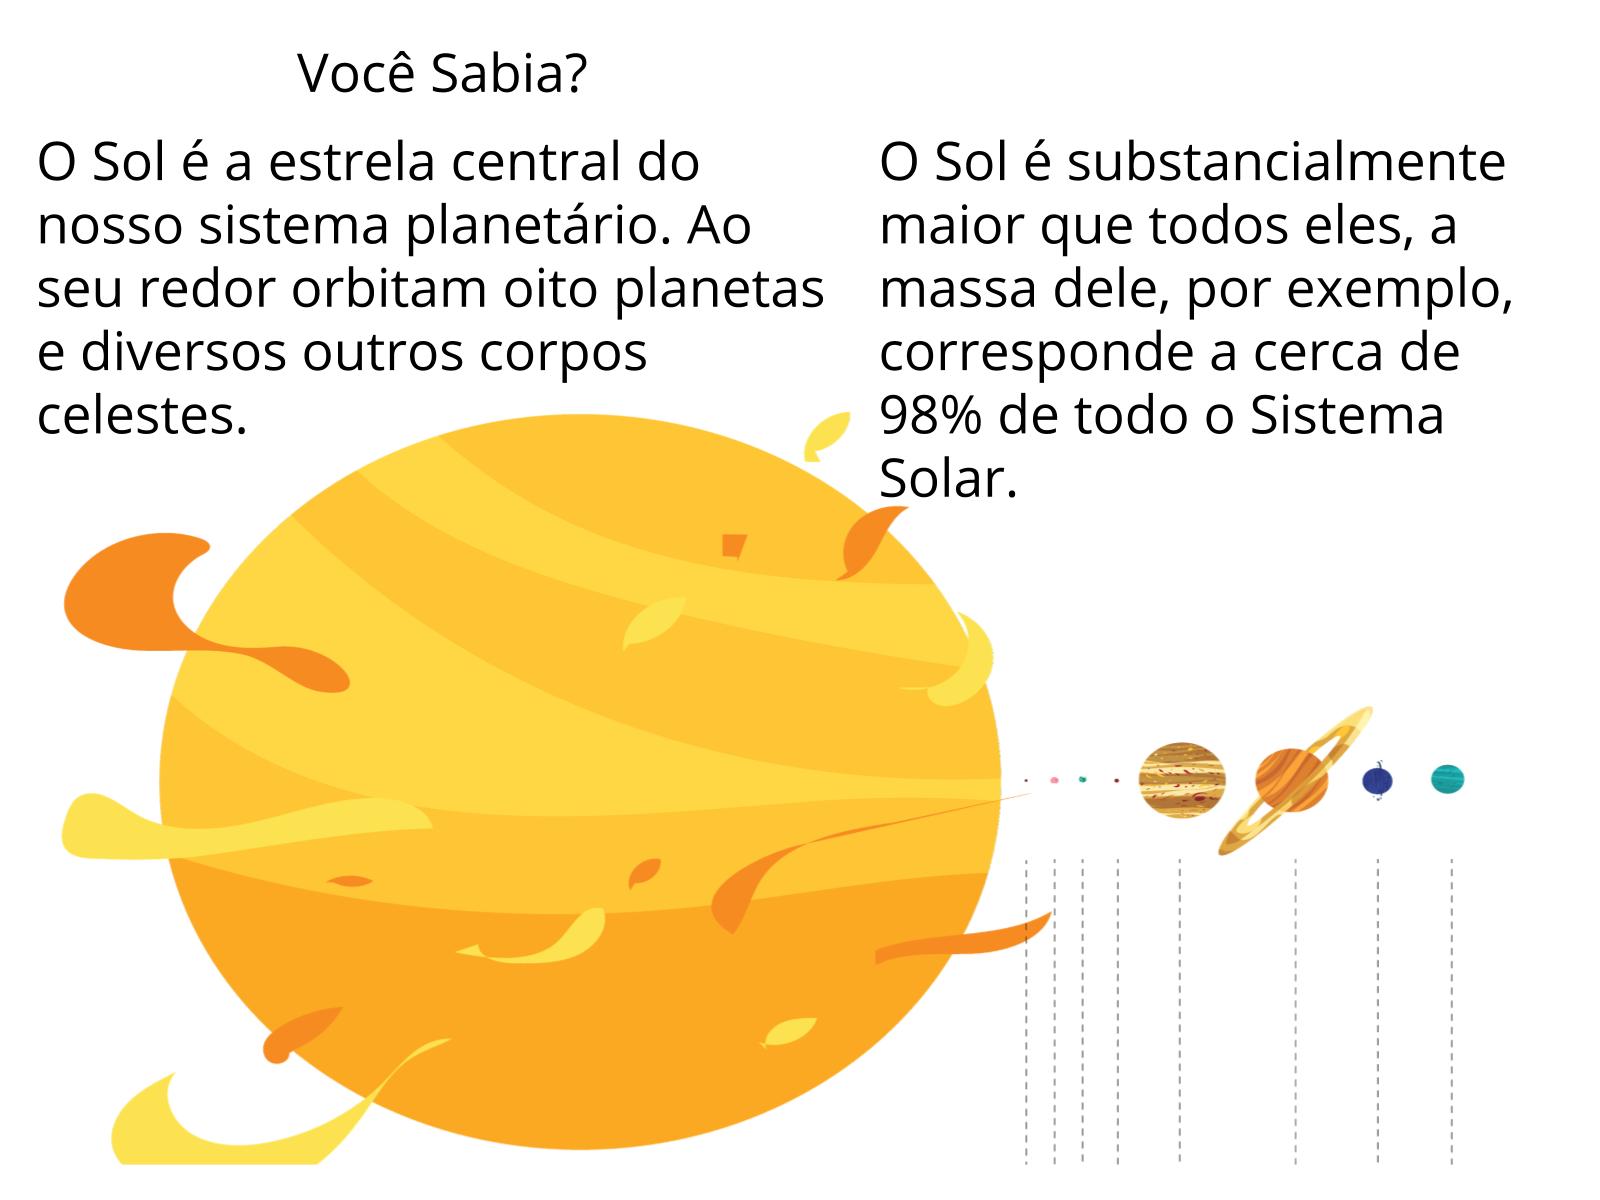 Proporções de tamanhos e distâncias entre os astros do Sistema Solar